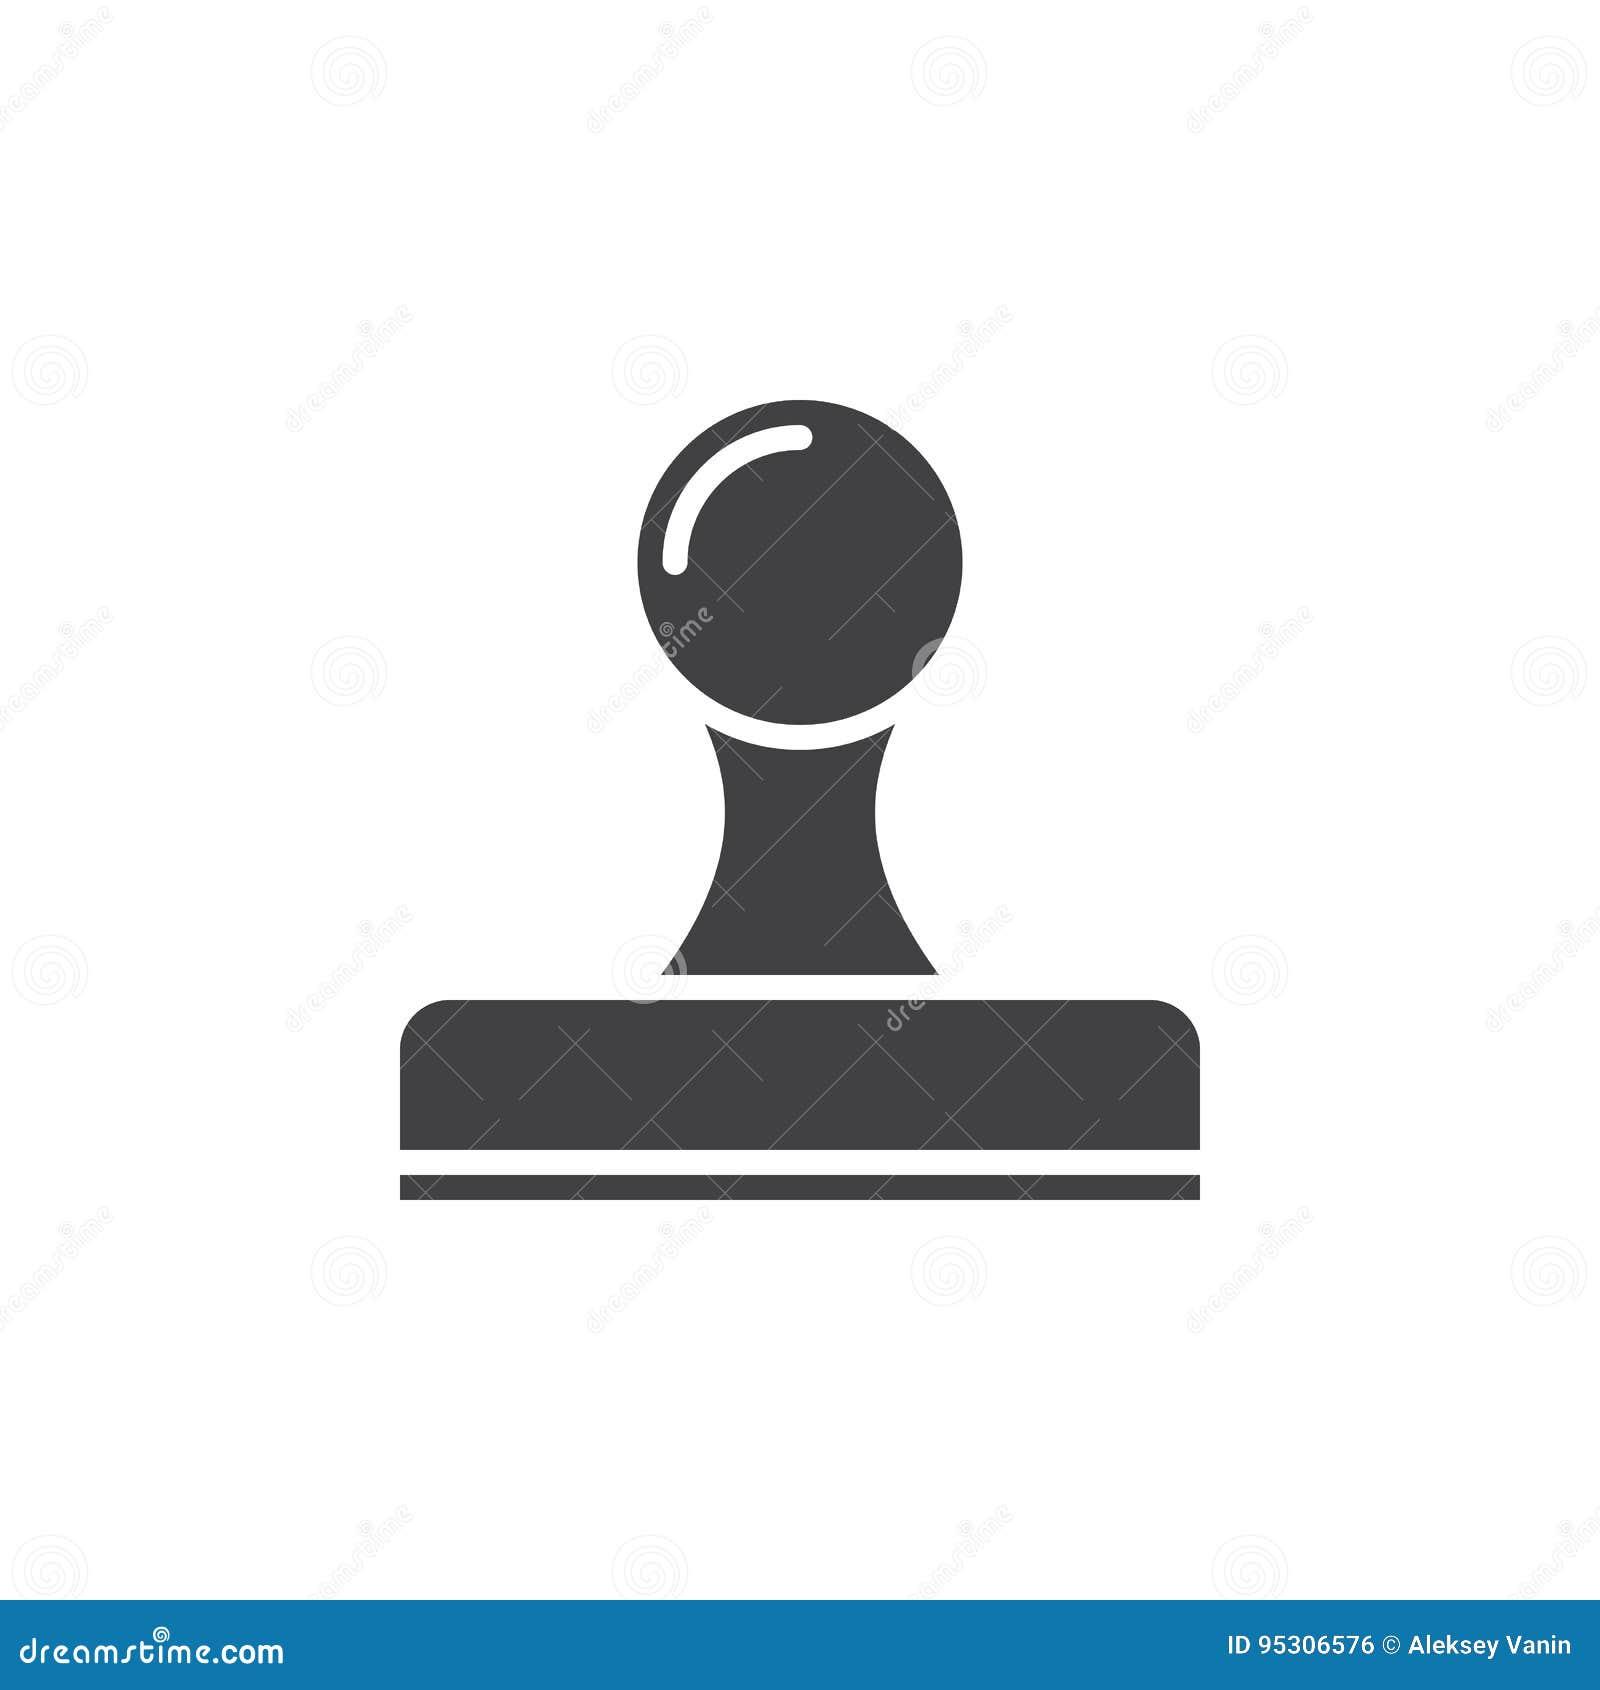 Symbolsvektor för Rubber stämpel, fast logo, pictogram som isoleras på vit